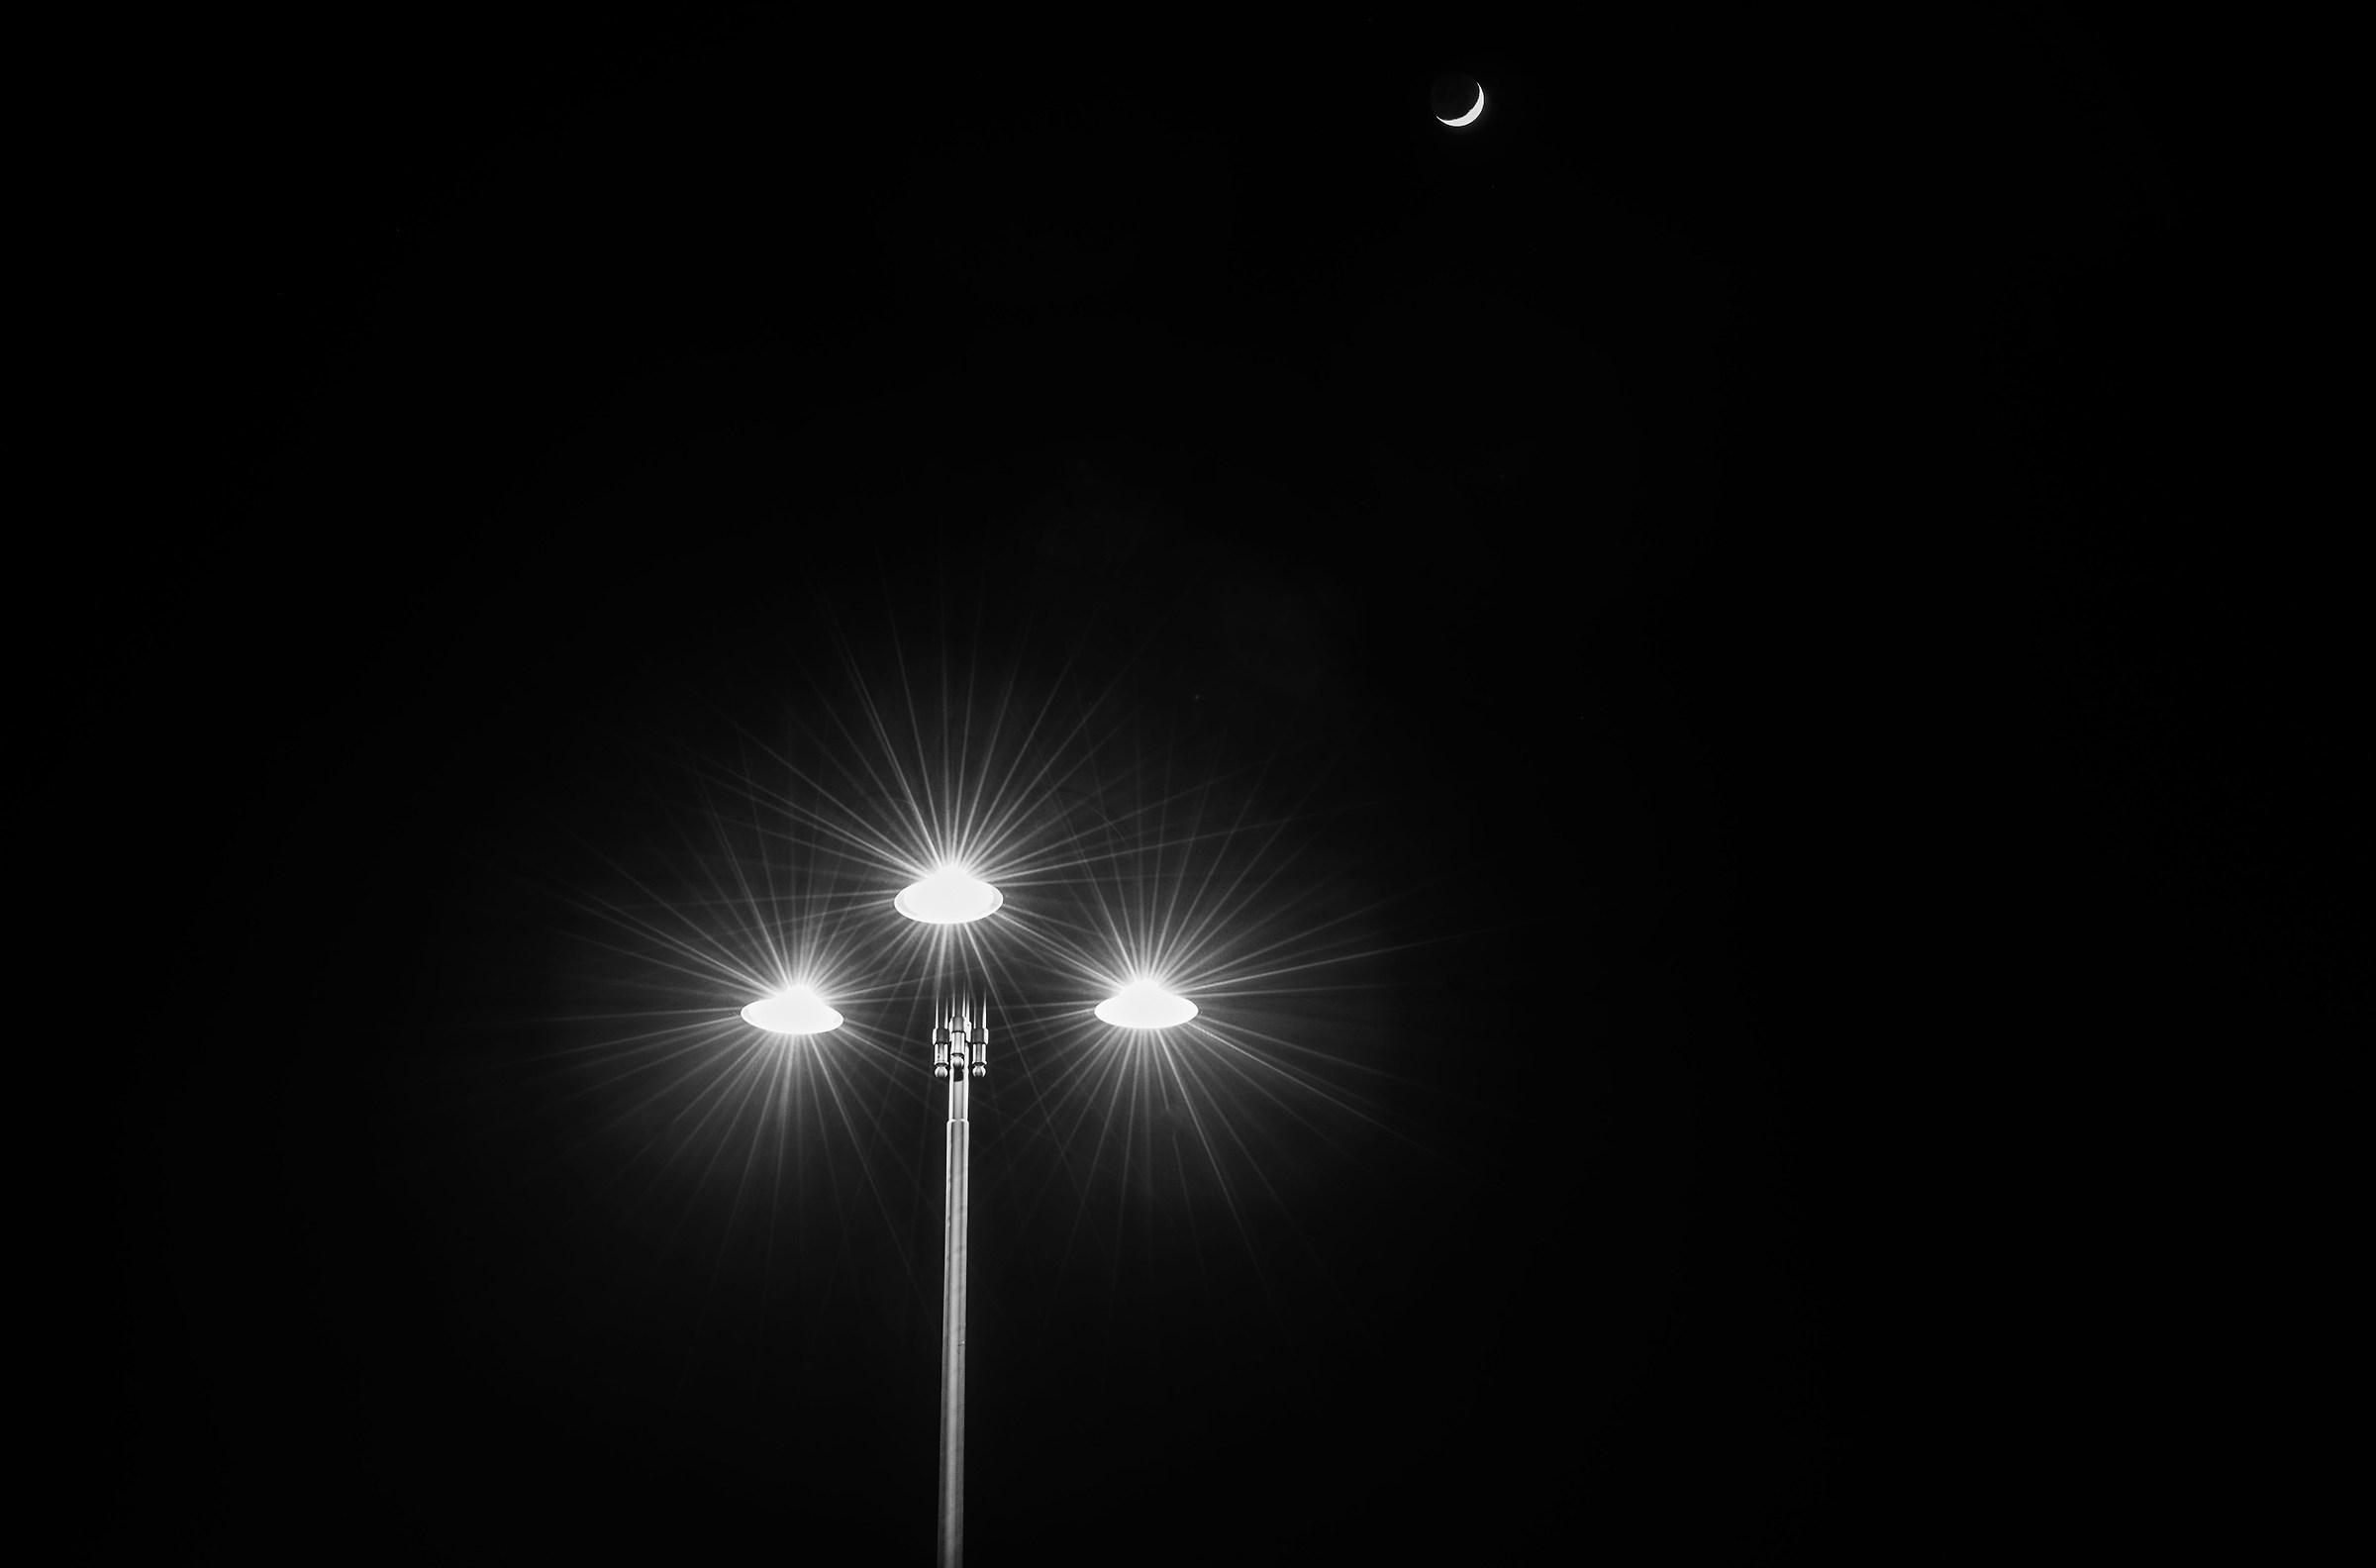 La luce e l'oscurità... tutto il resto è distrazione...